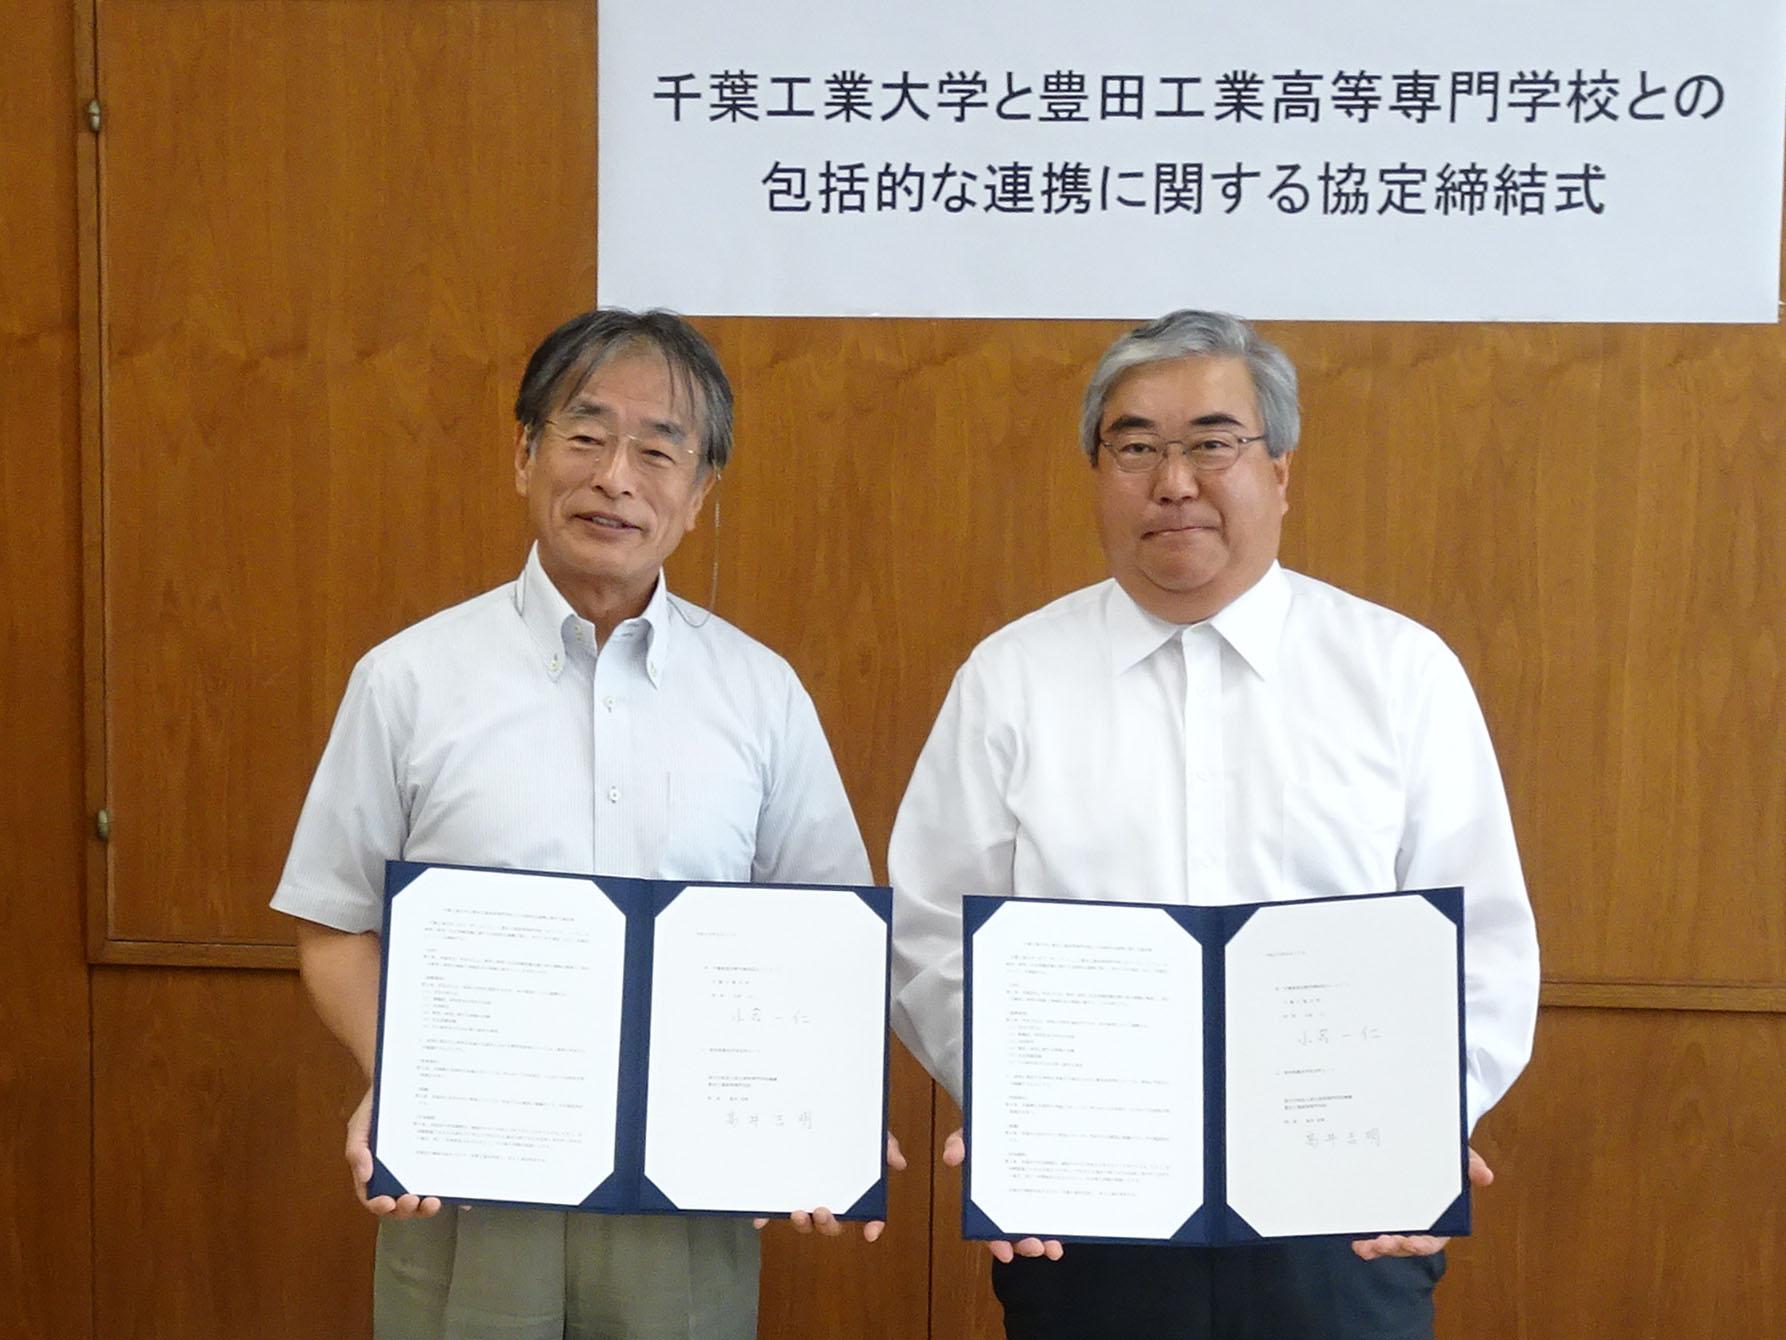 豊田工業高等専門学校との包括的な連携に関する協定を締結